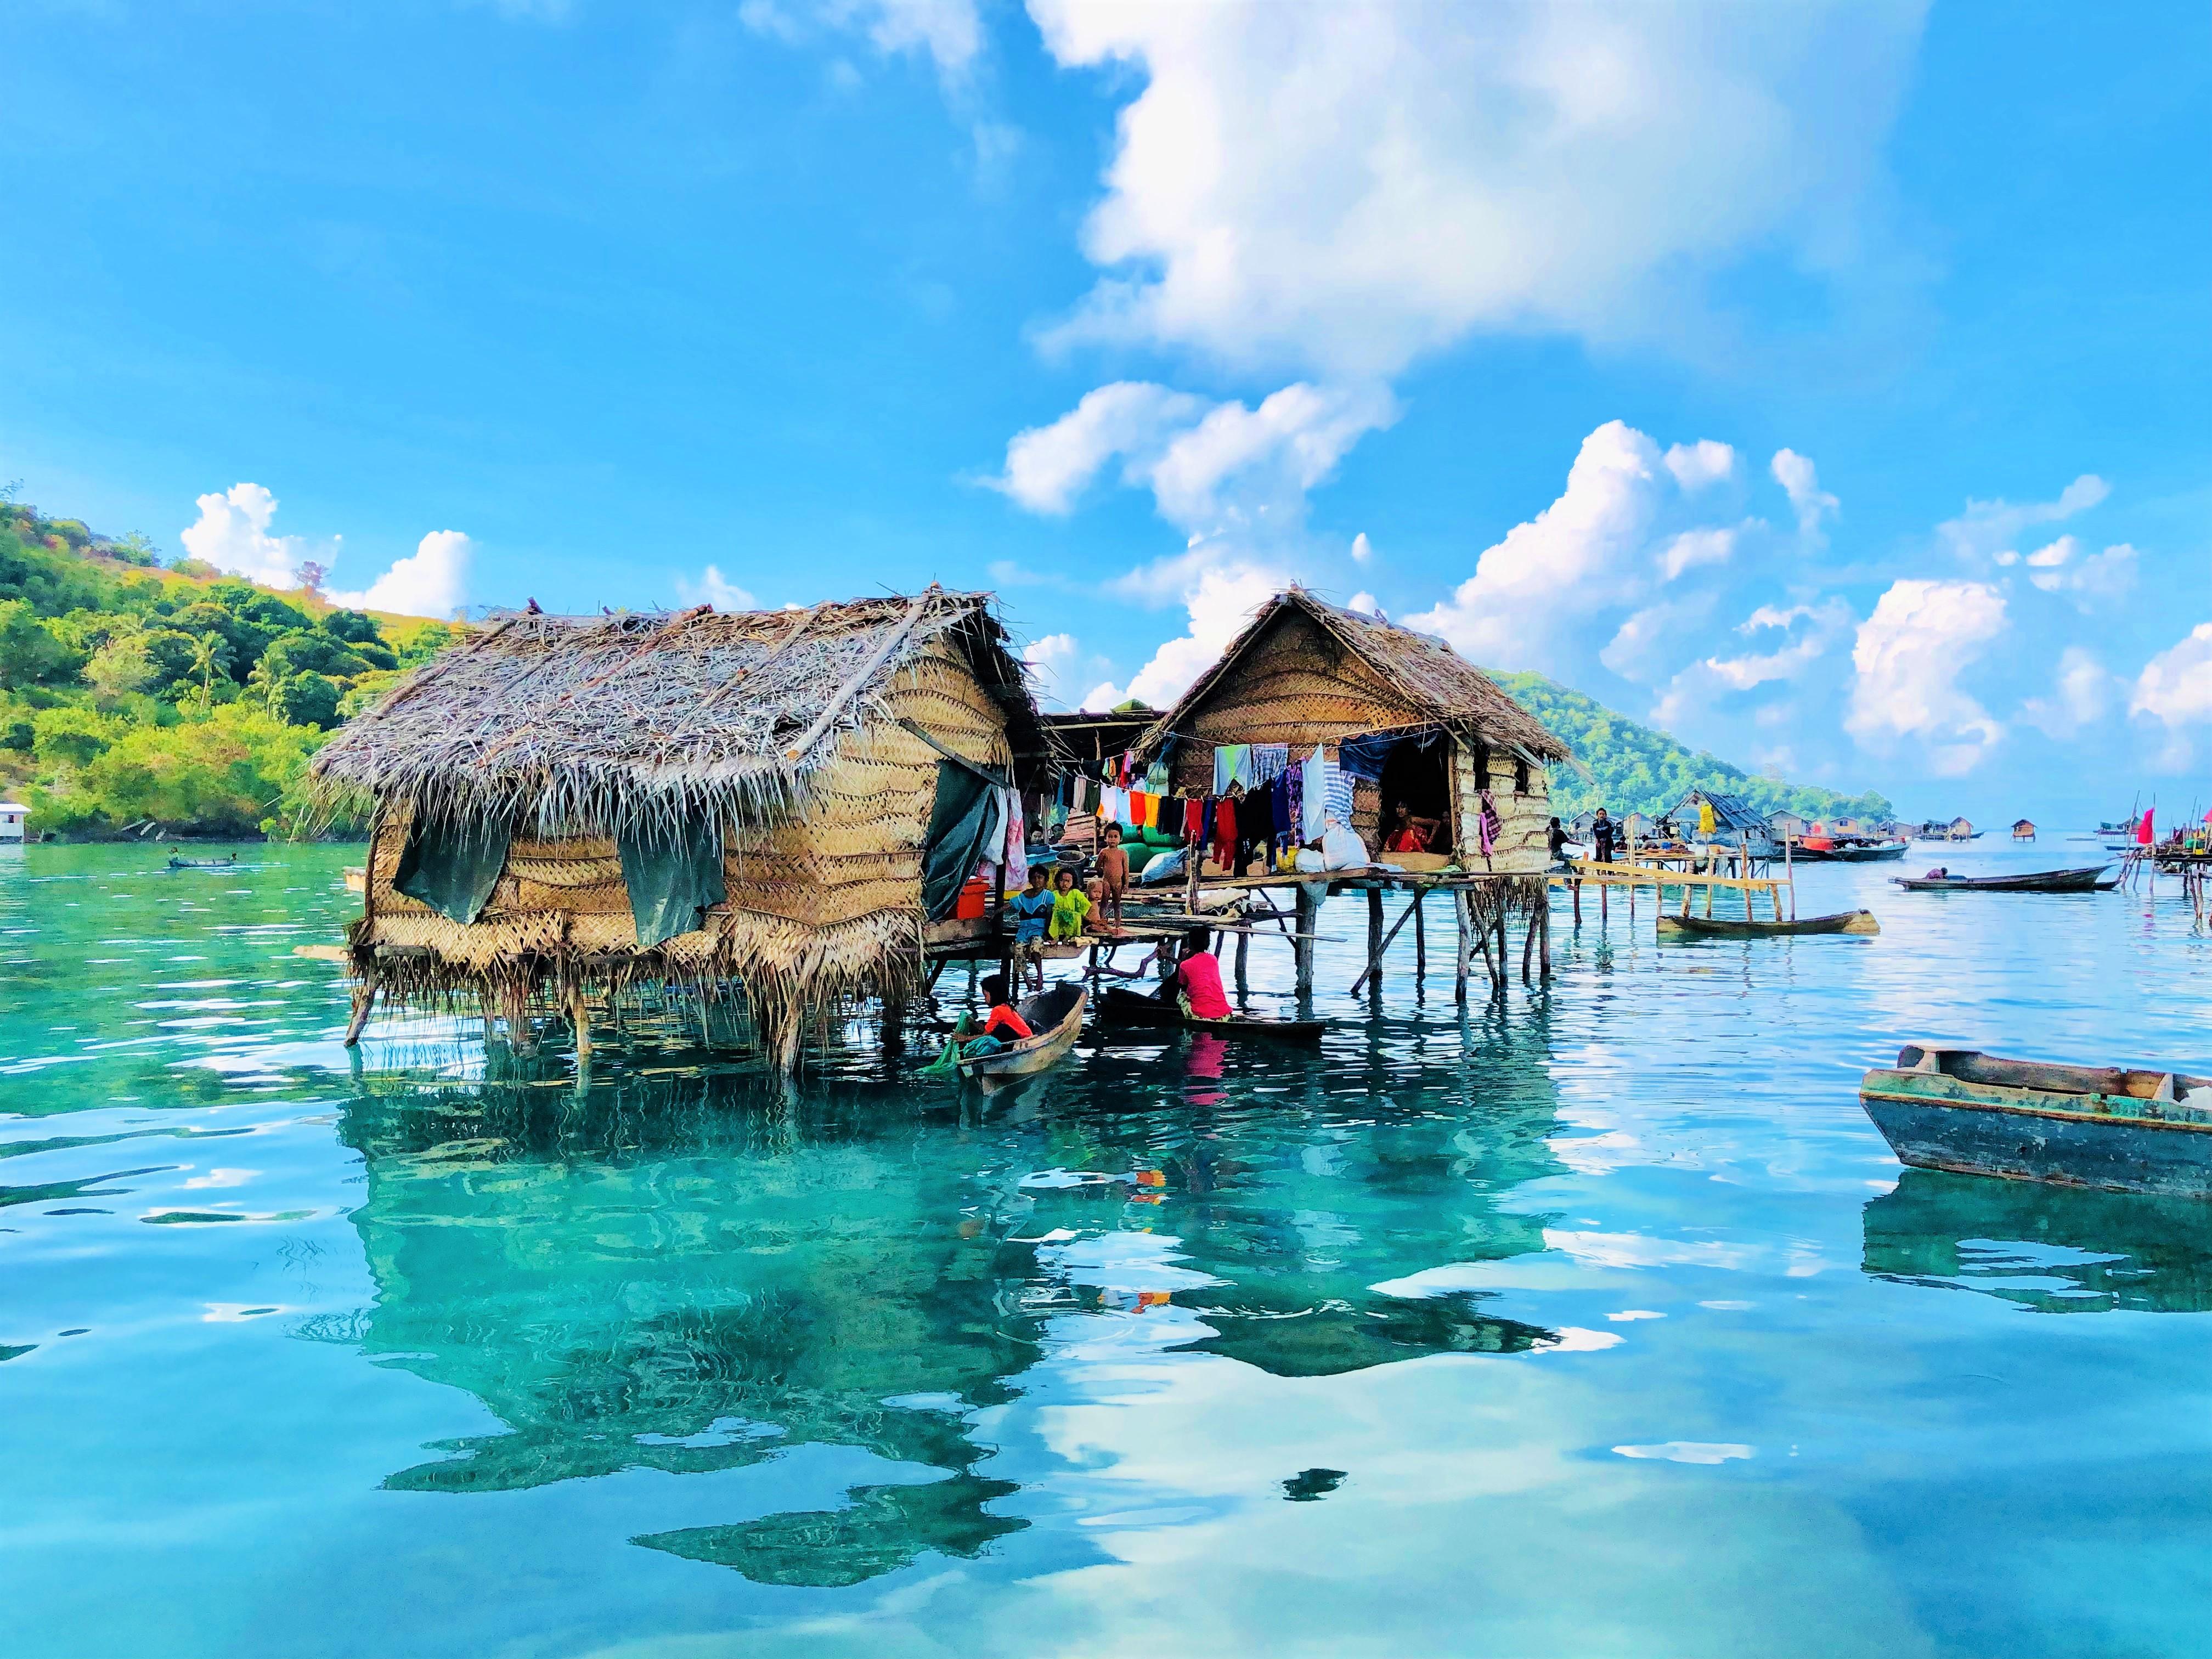 !НОВО! Остров БОРНЕО, щат Сабах, султанство Бруней и Куала Лумпур